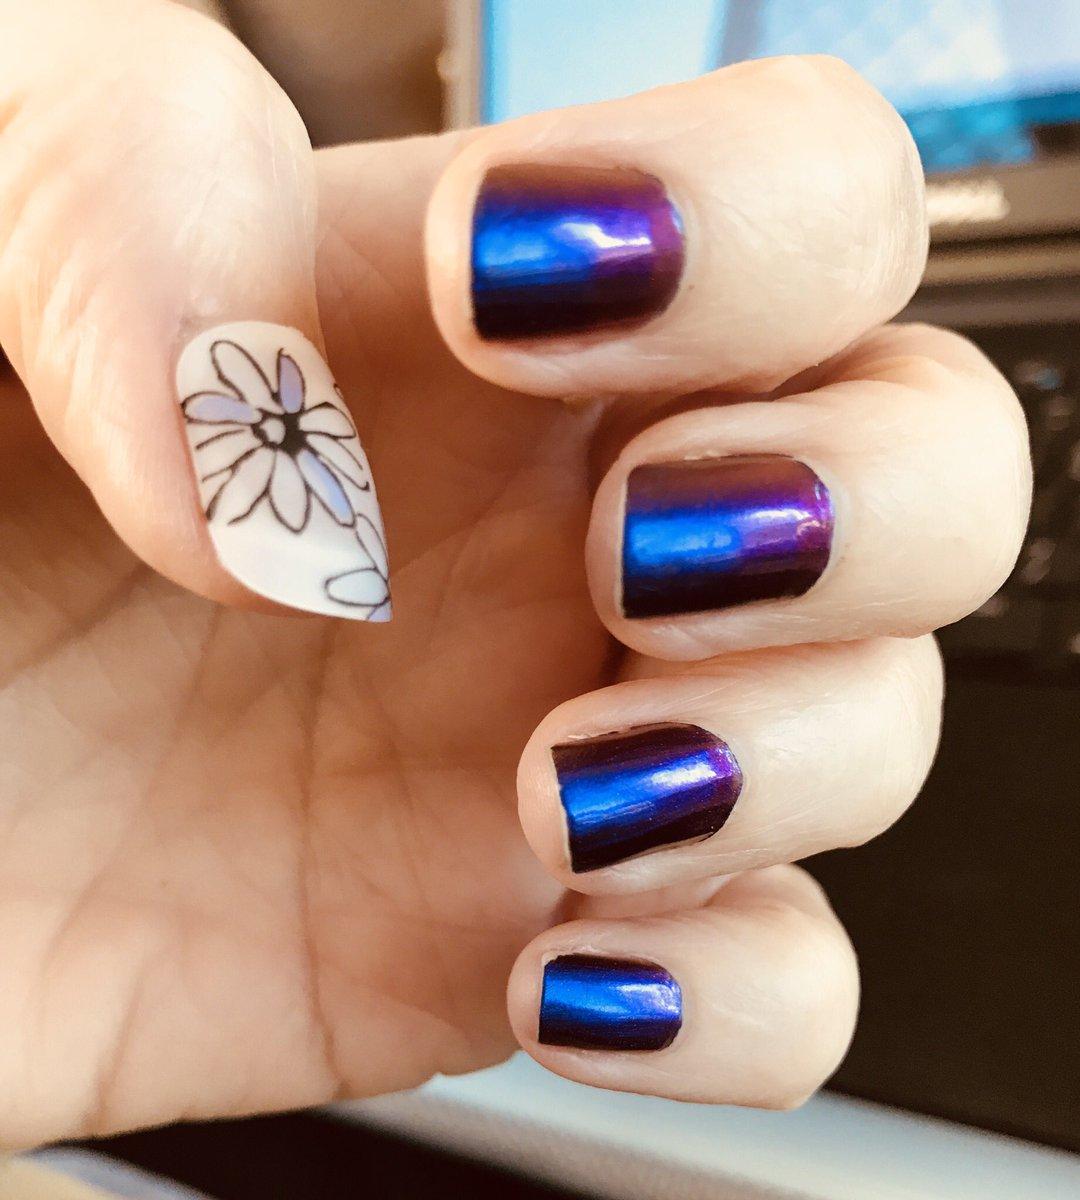 Real nails & one false nail :) #nailporn https://t.co/0HT0rUV677